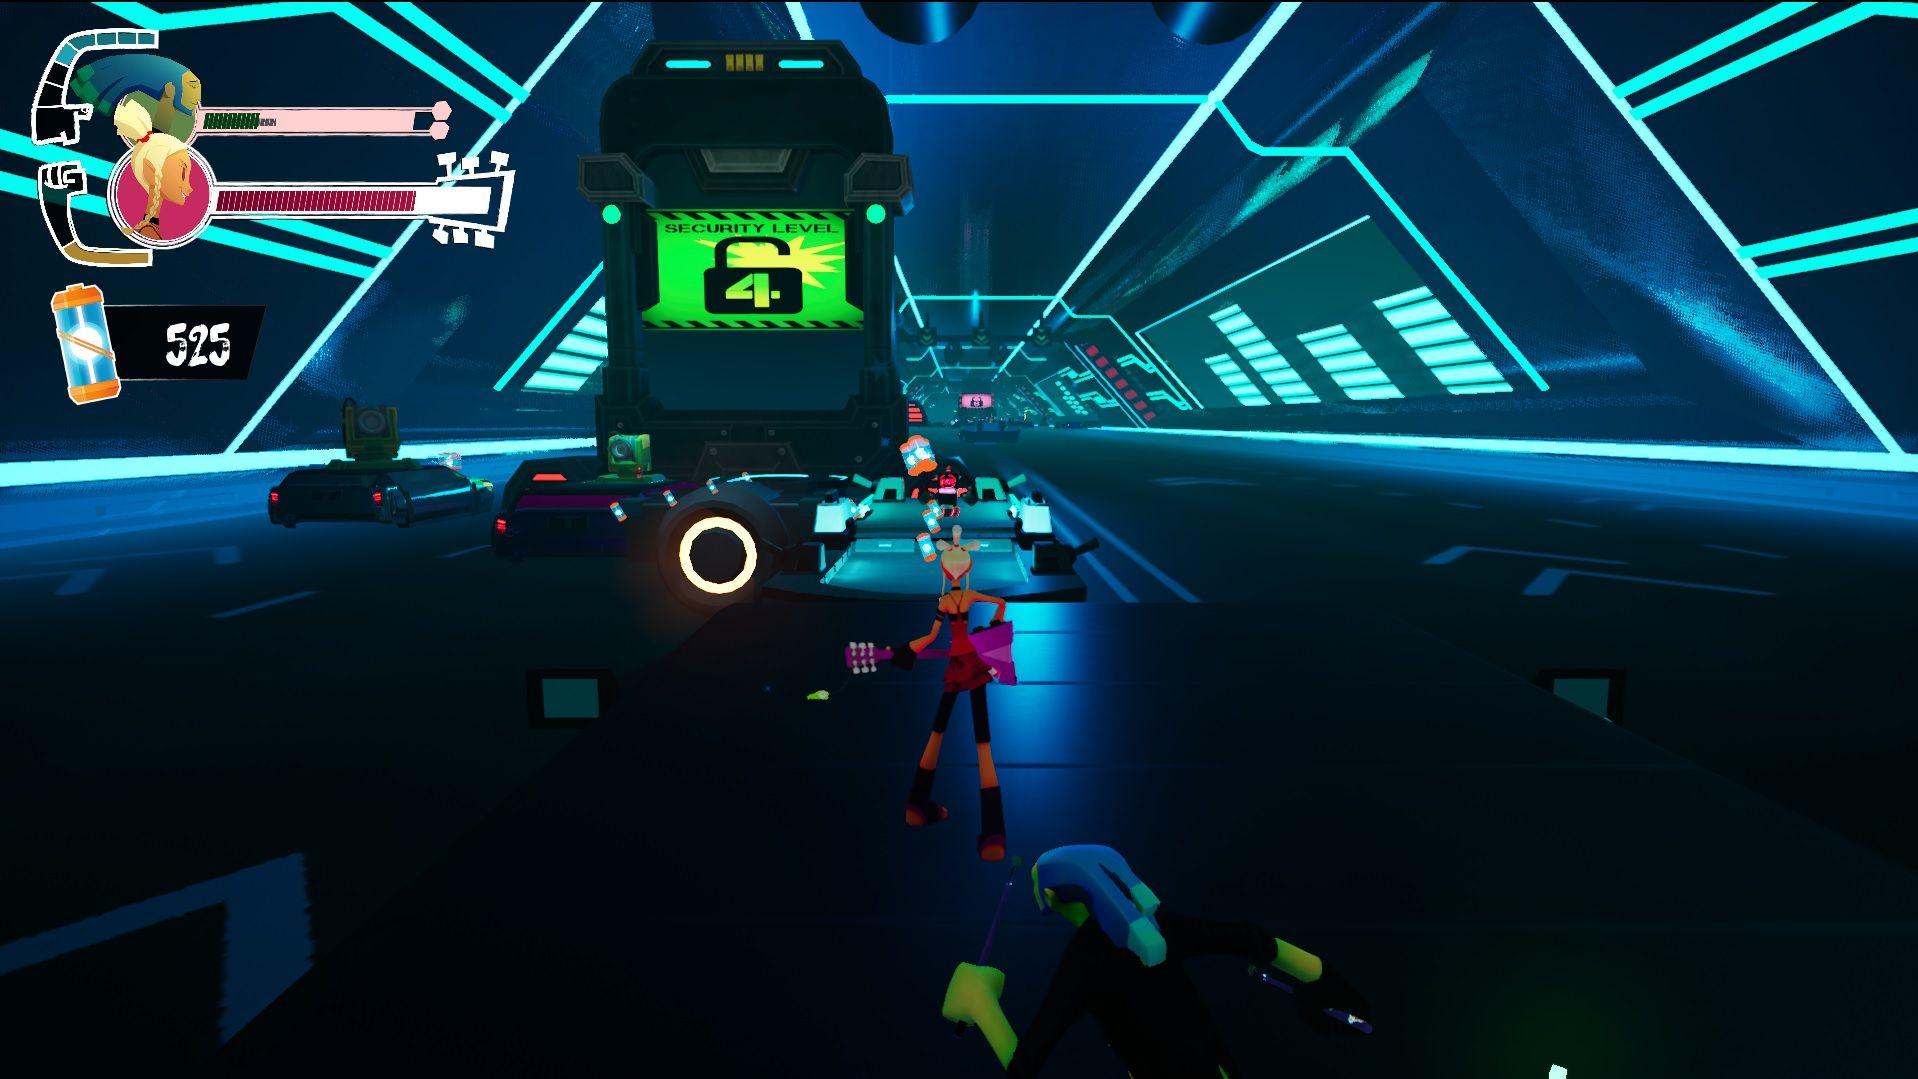 Una captura de pantalla de una sección de plataformas de más adelante en No Straight Roads.  El jugador, como Mayday, está de pie en una plataforma con el estilo de una limusina negra, en lo que parece un túnel subterráneo lleno de otras limusinas.